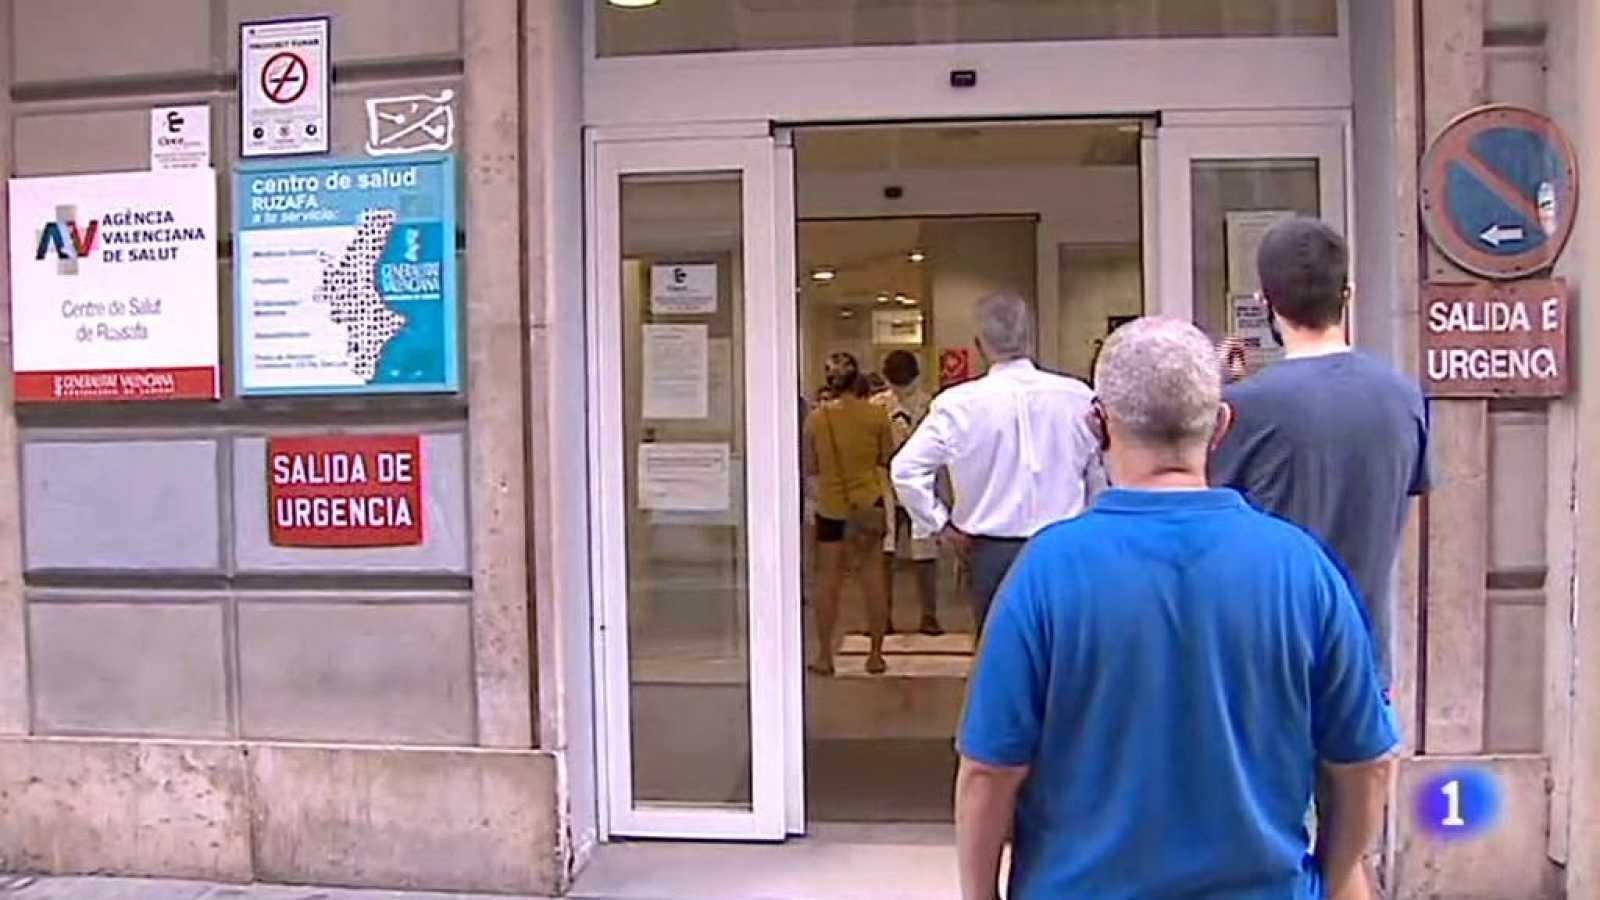 L'Informatiu - Comunitat Valenciana 2 - 22/09/20 - ver ahora